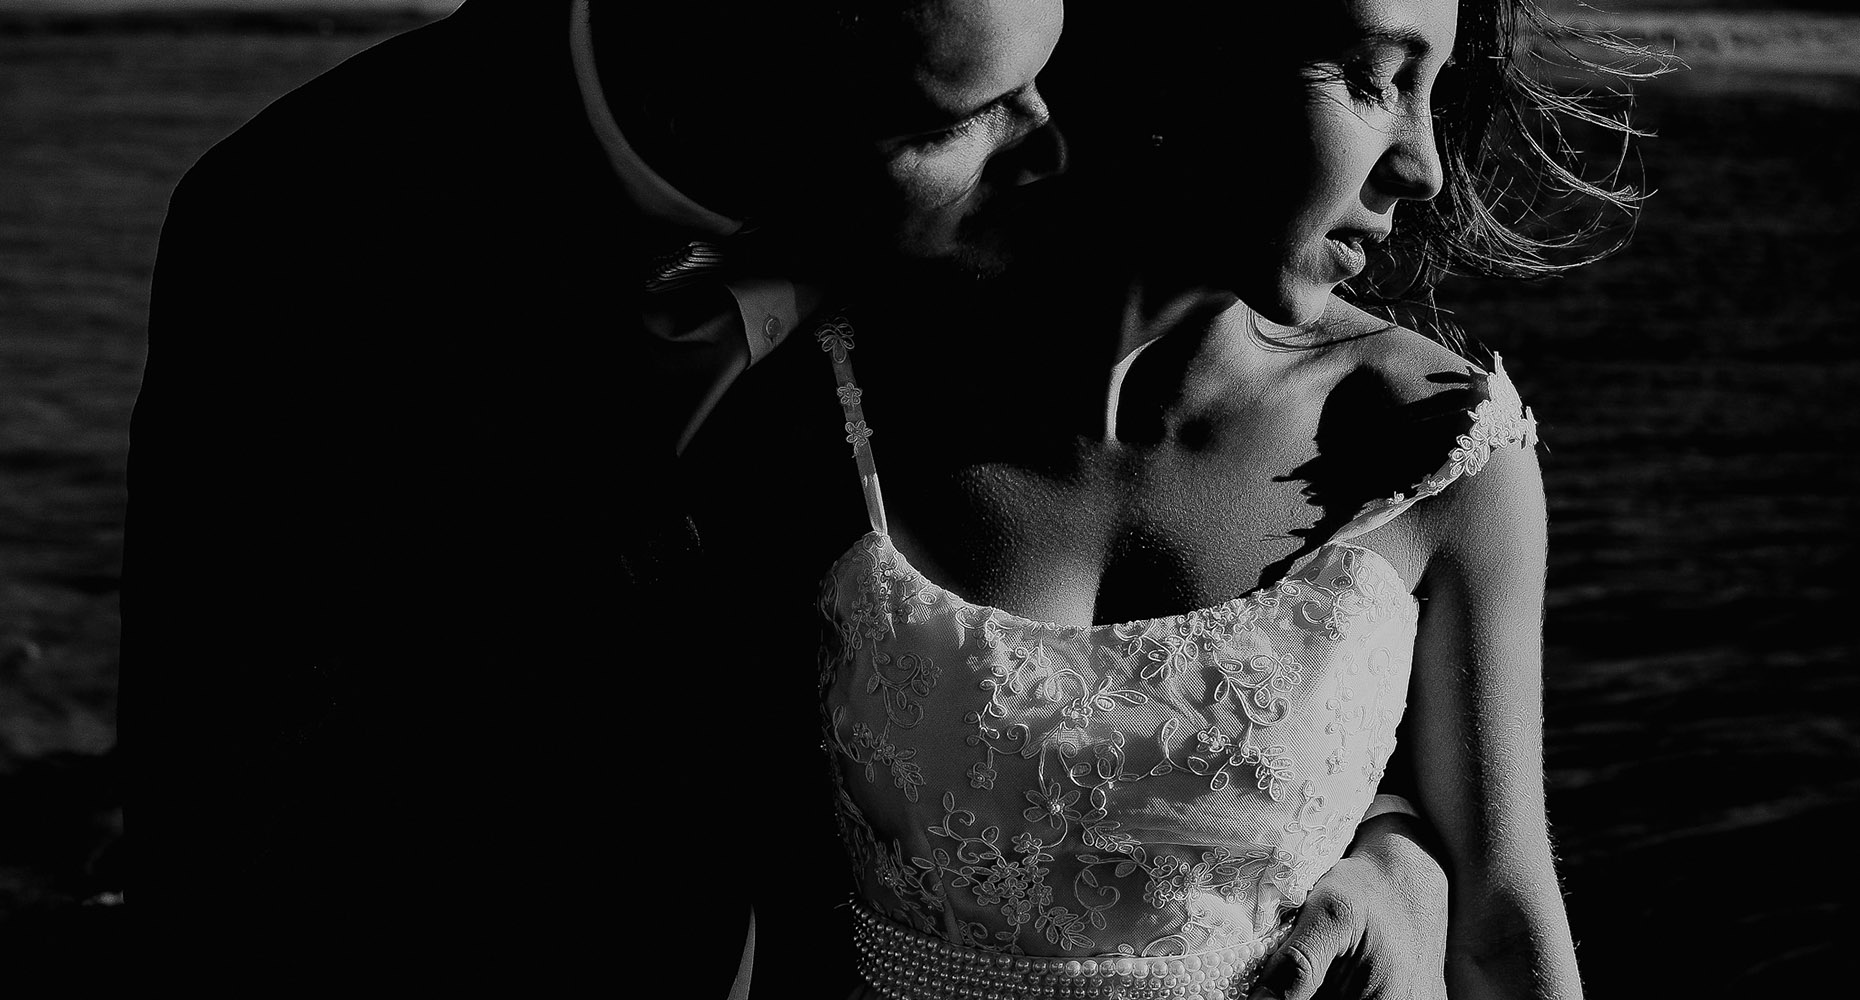 Fotos intimas y reales por marcos llanos en el mundo